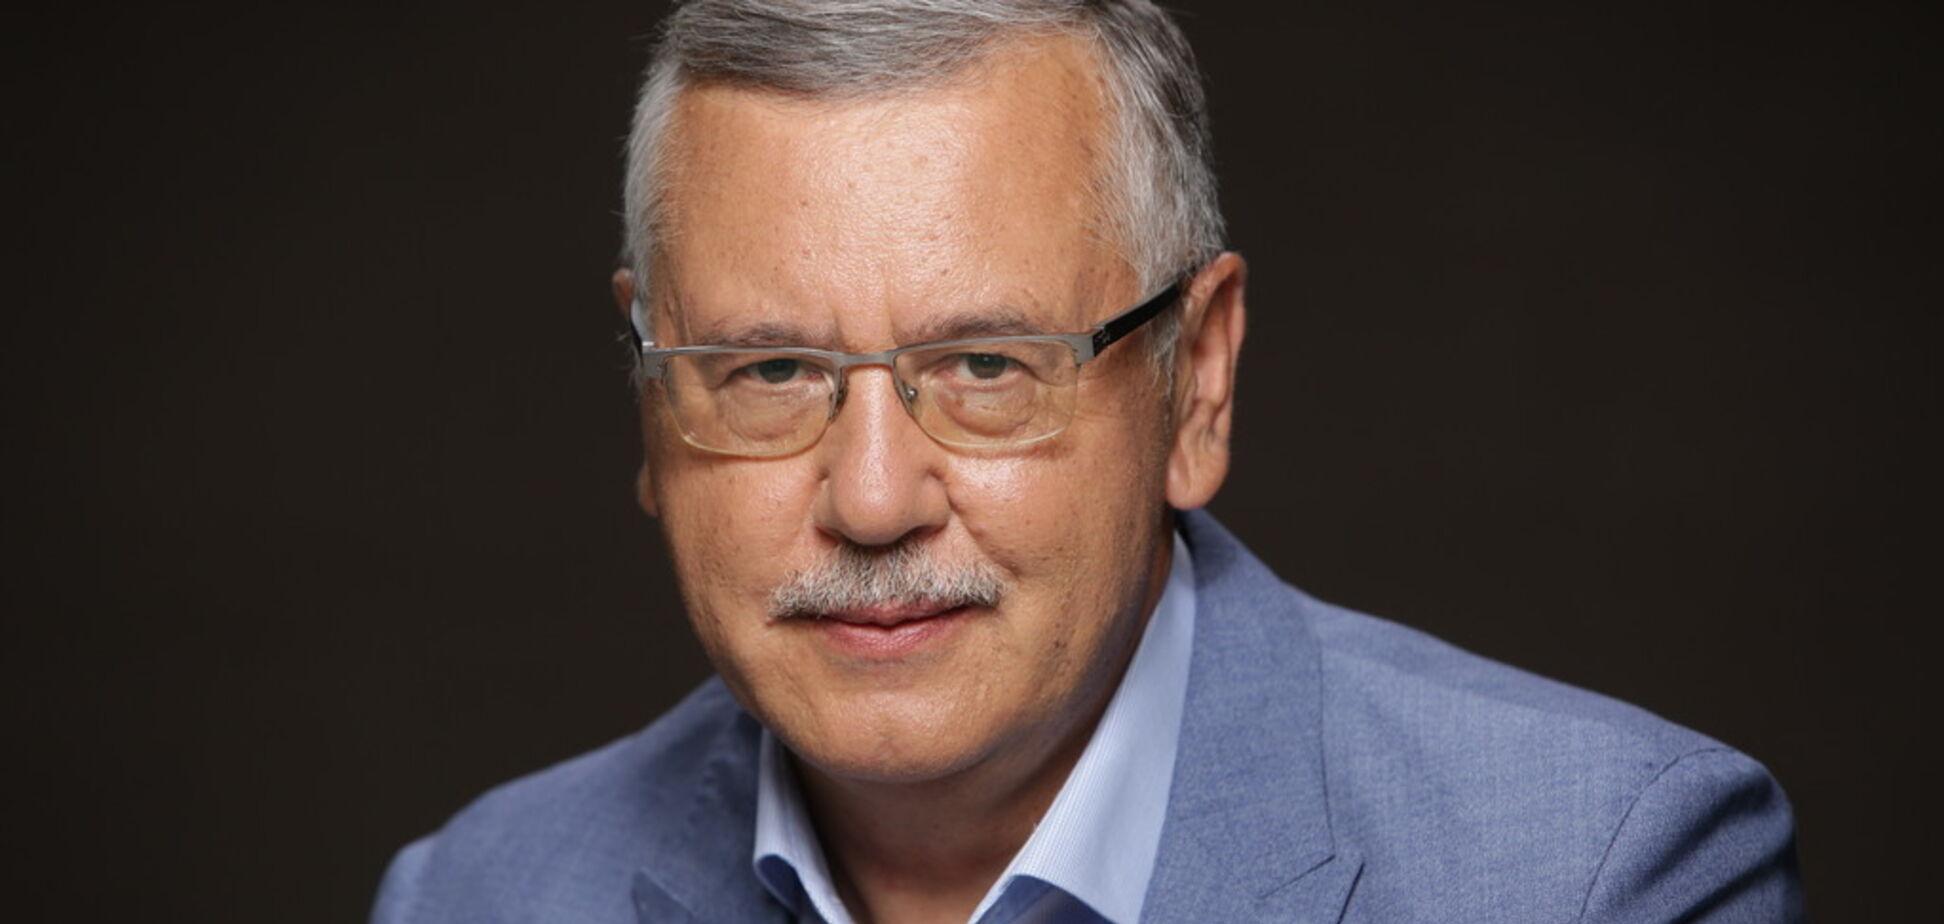 Соціологи: Гриценко перемагає у другому турі і Порошенка, і Тимошенко